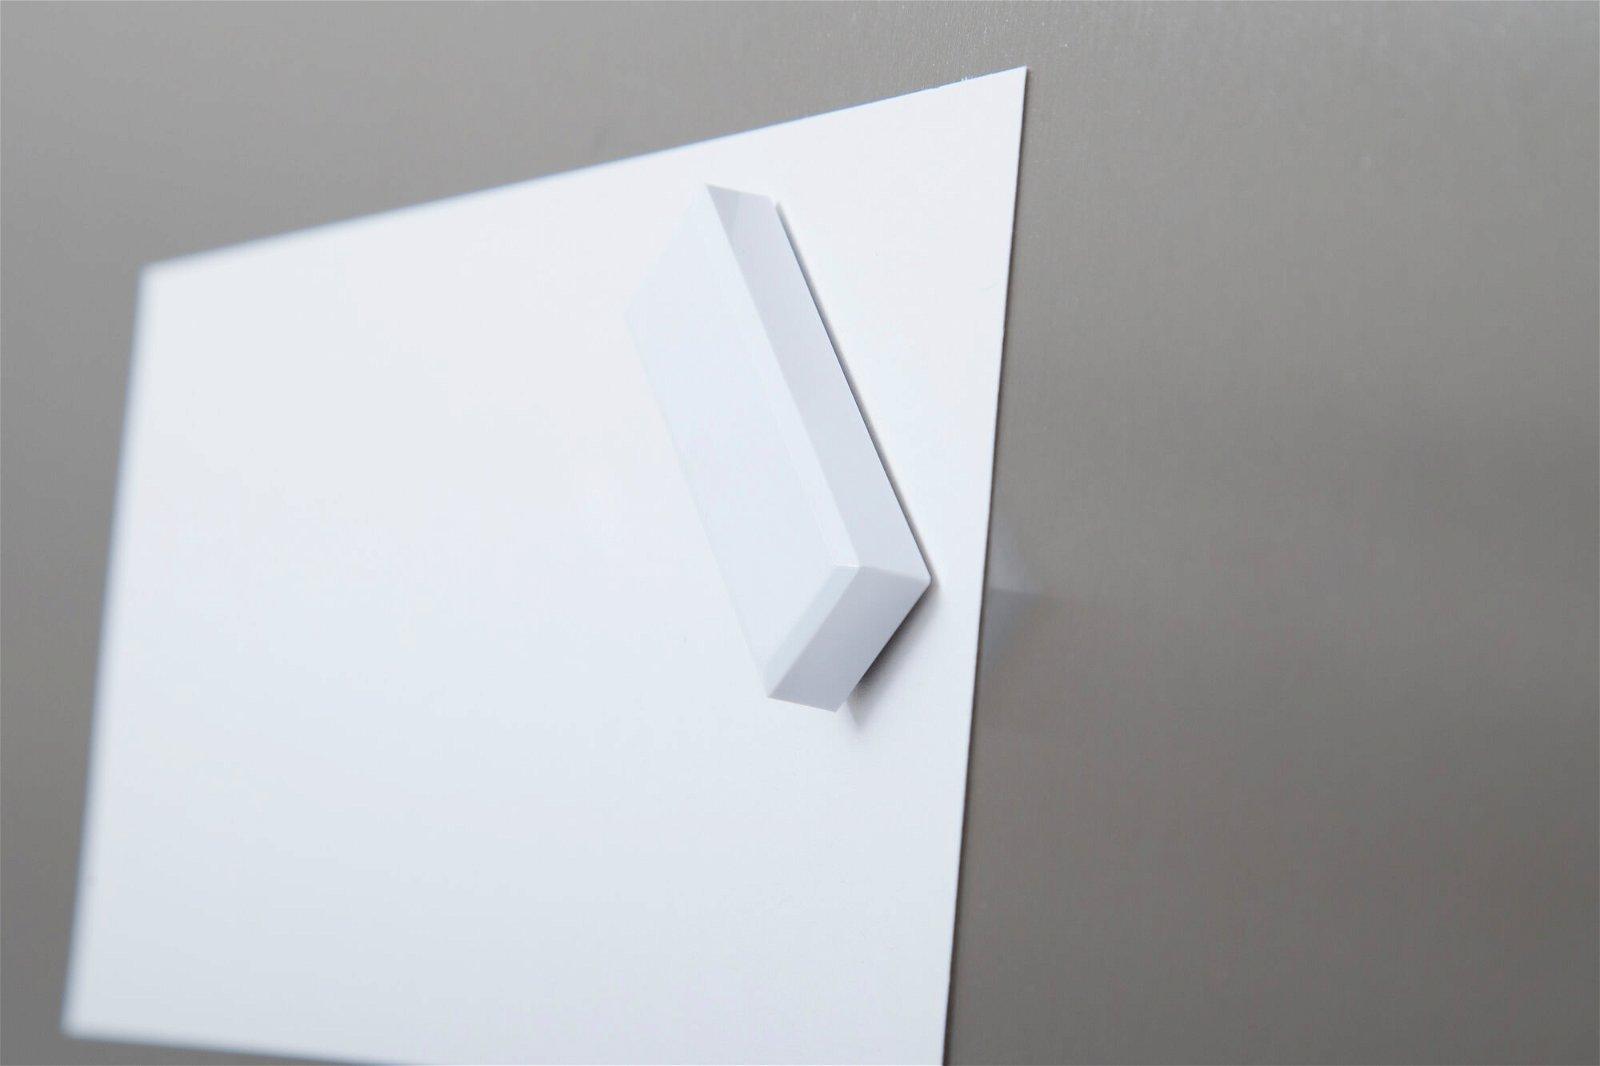 Facetterand-Magnet MAULpro 53 x 18 mm, 1 kg, 20 St./Set, weiß